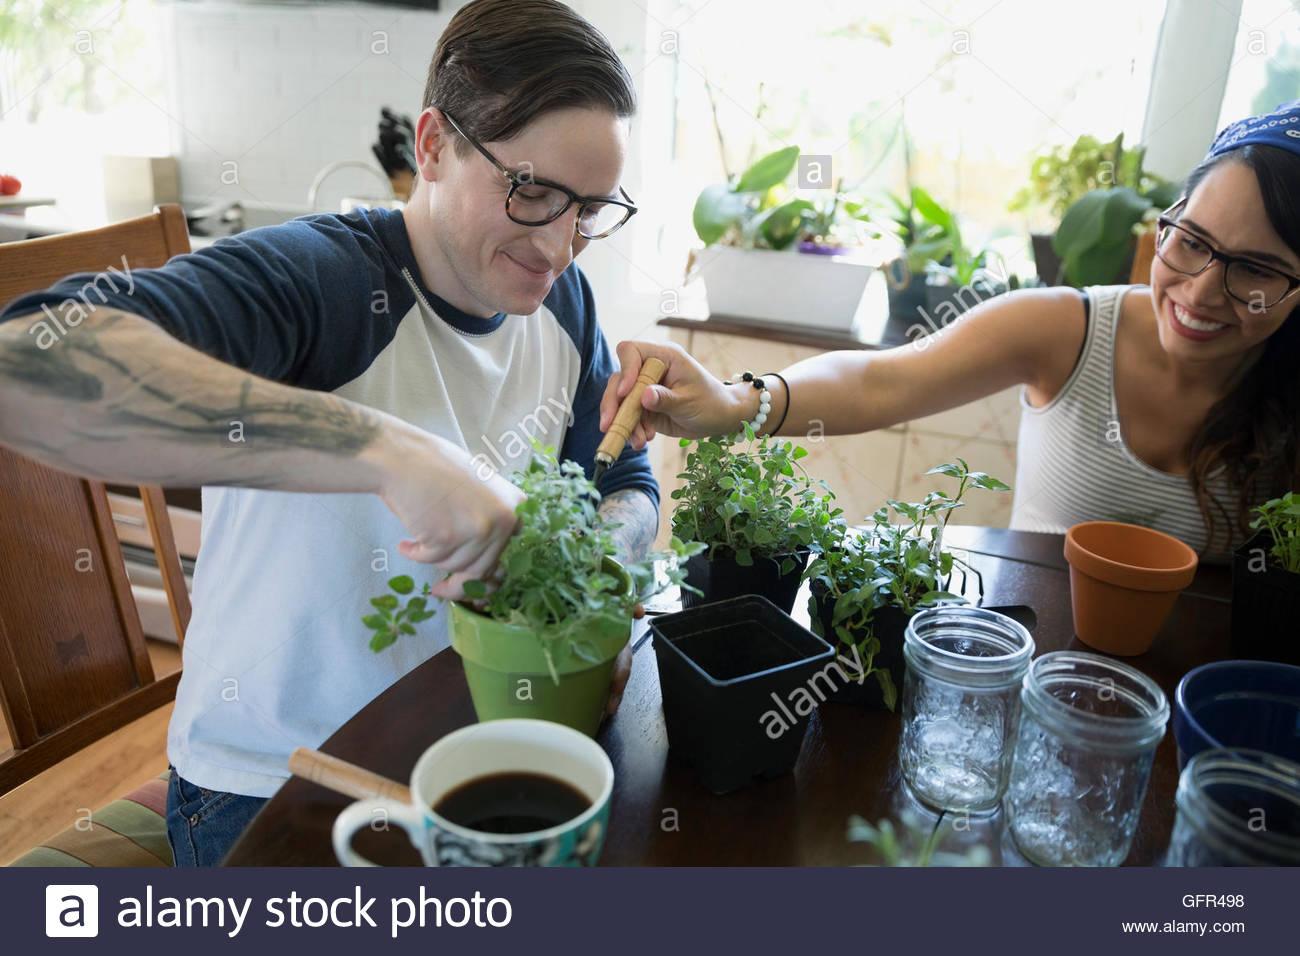 Piante Da Cucina Immagini & Piante Da Cucina Fotos Stock - Alamy